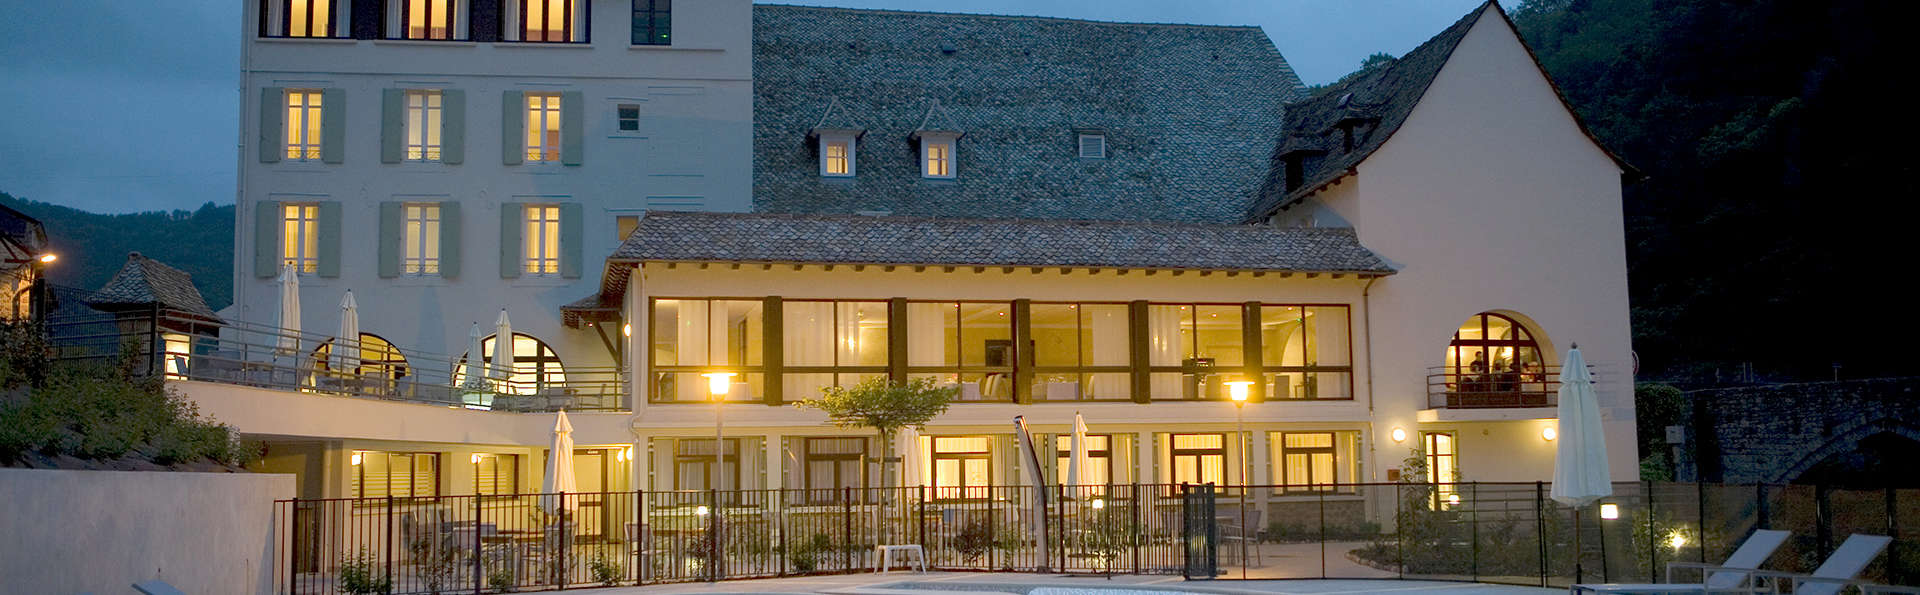 Hôtel la Rivière - Edit_Front.jpg